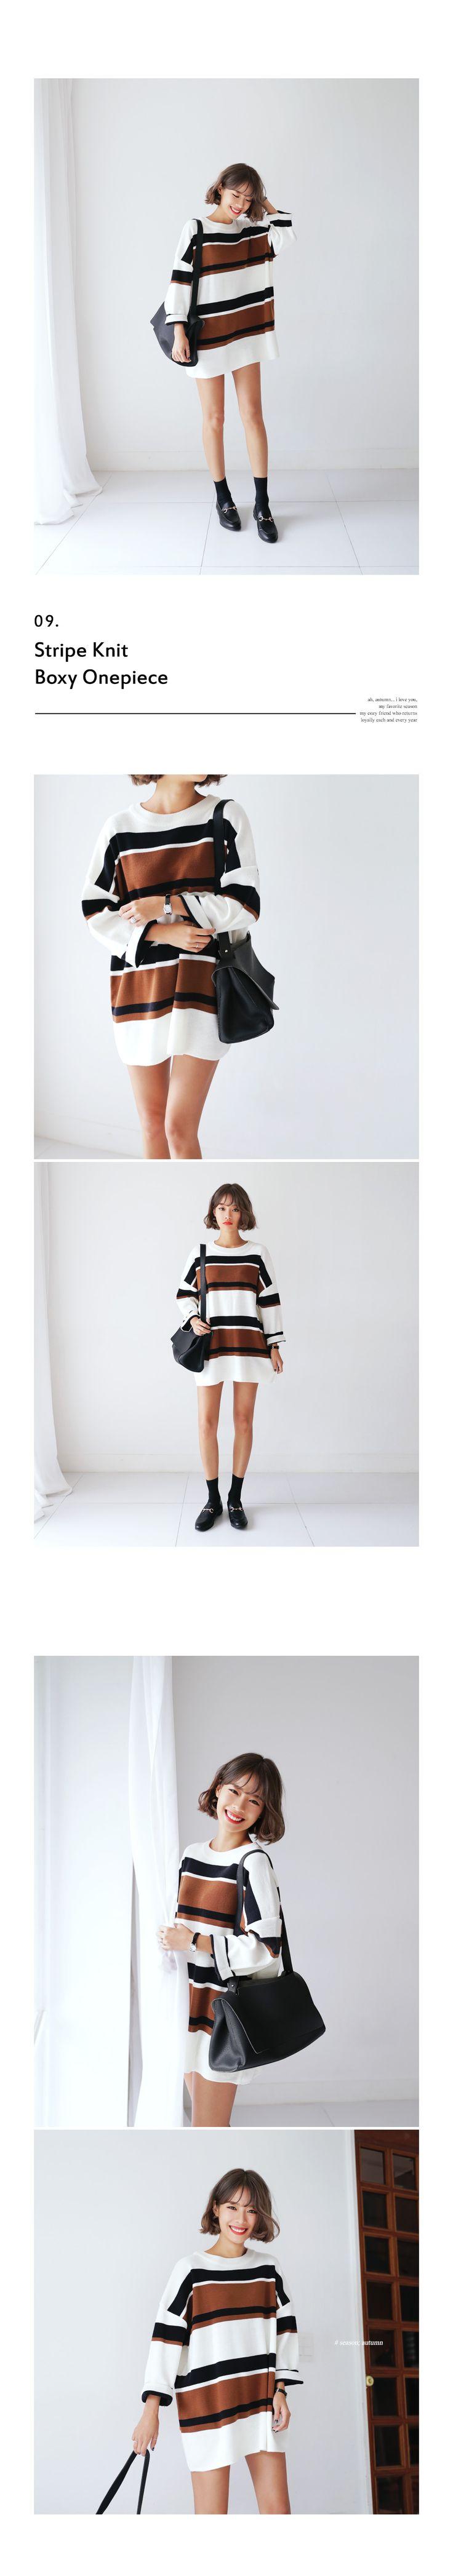 マルチカラーボーダーニットワンピース・全3色ドレス・ワンピドレス・ワンピ|レディースファッション通販 DHOLICディーホリック [ファストファッション 水着…